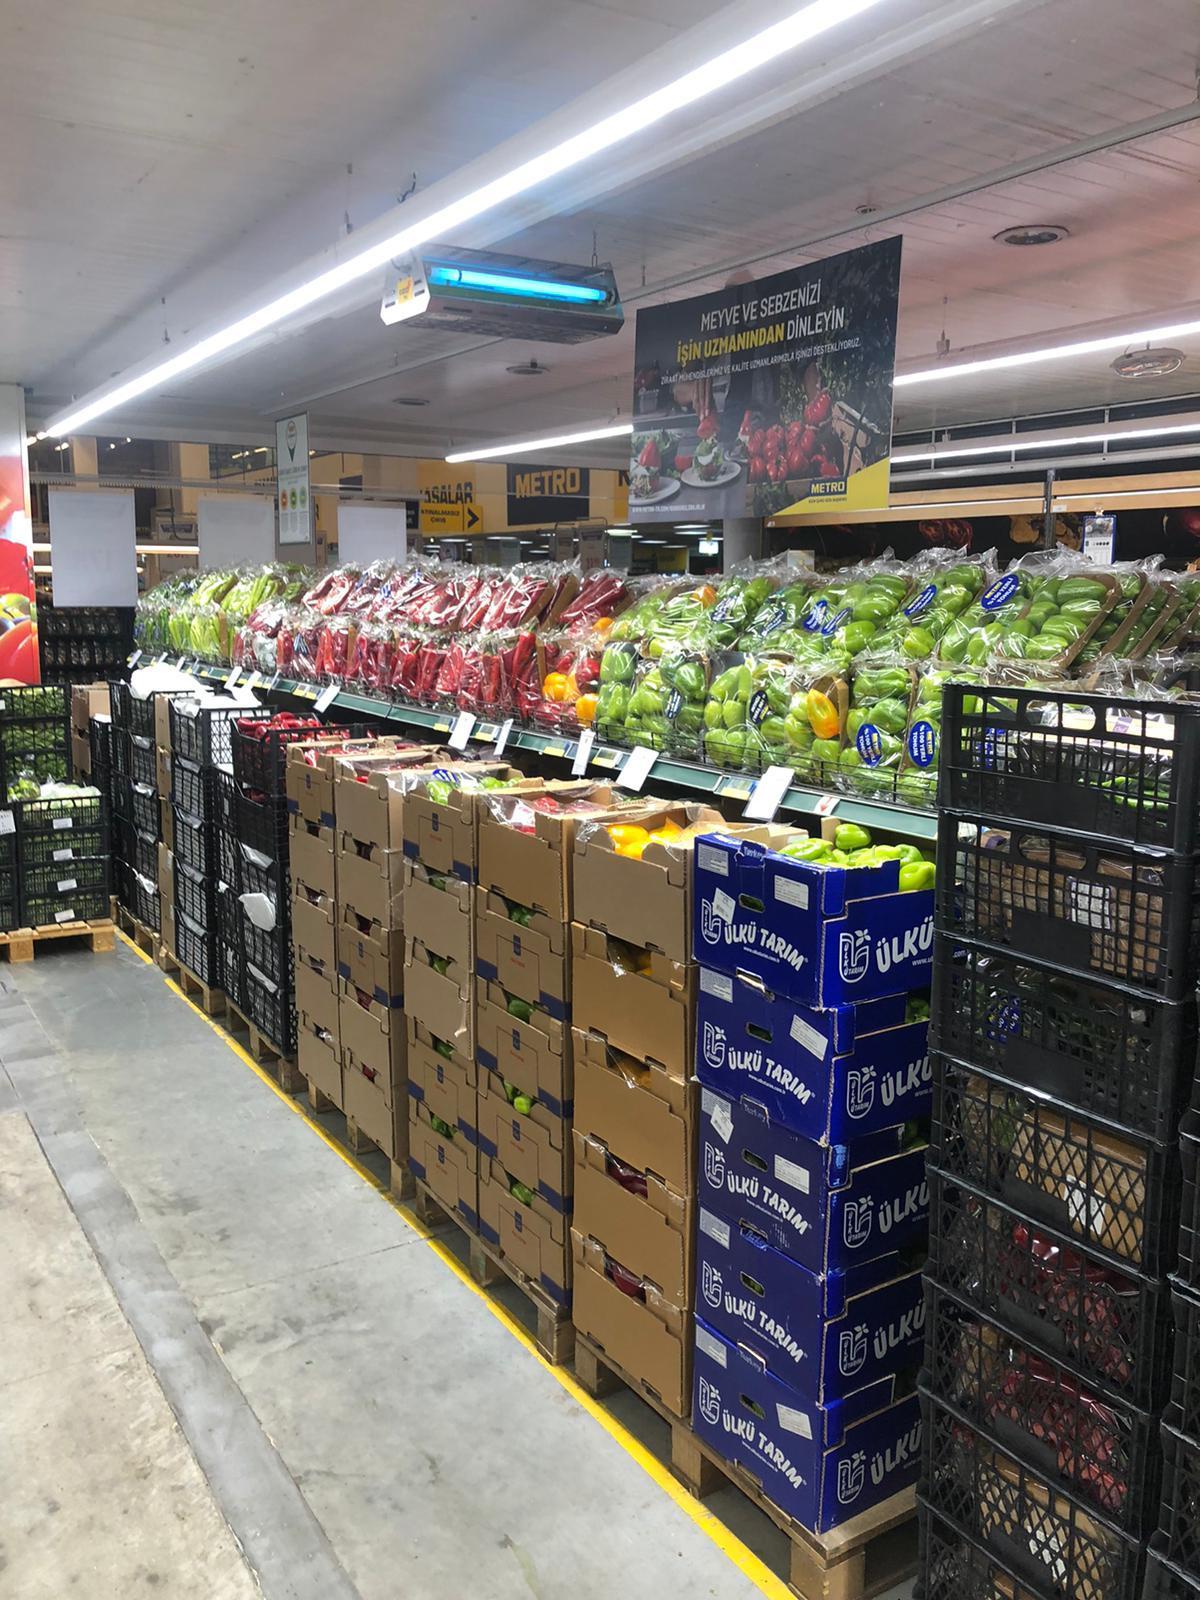 Metro marketlerde sebze ve meyveler paketli ve güvenli